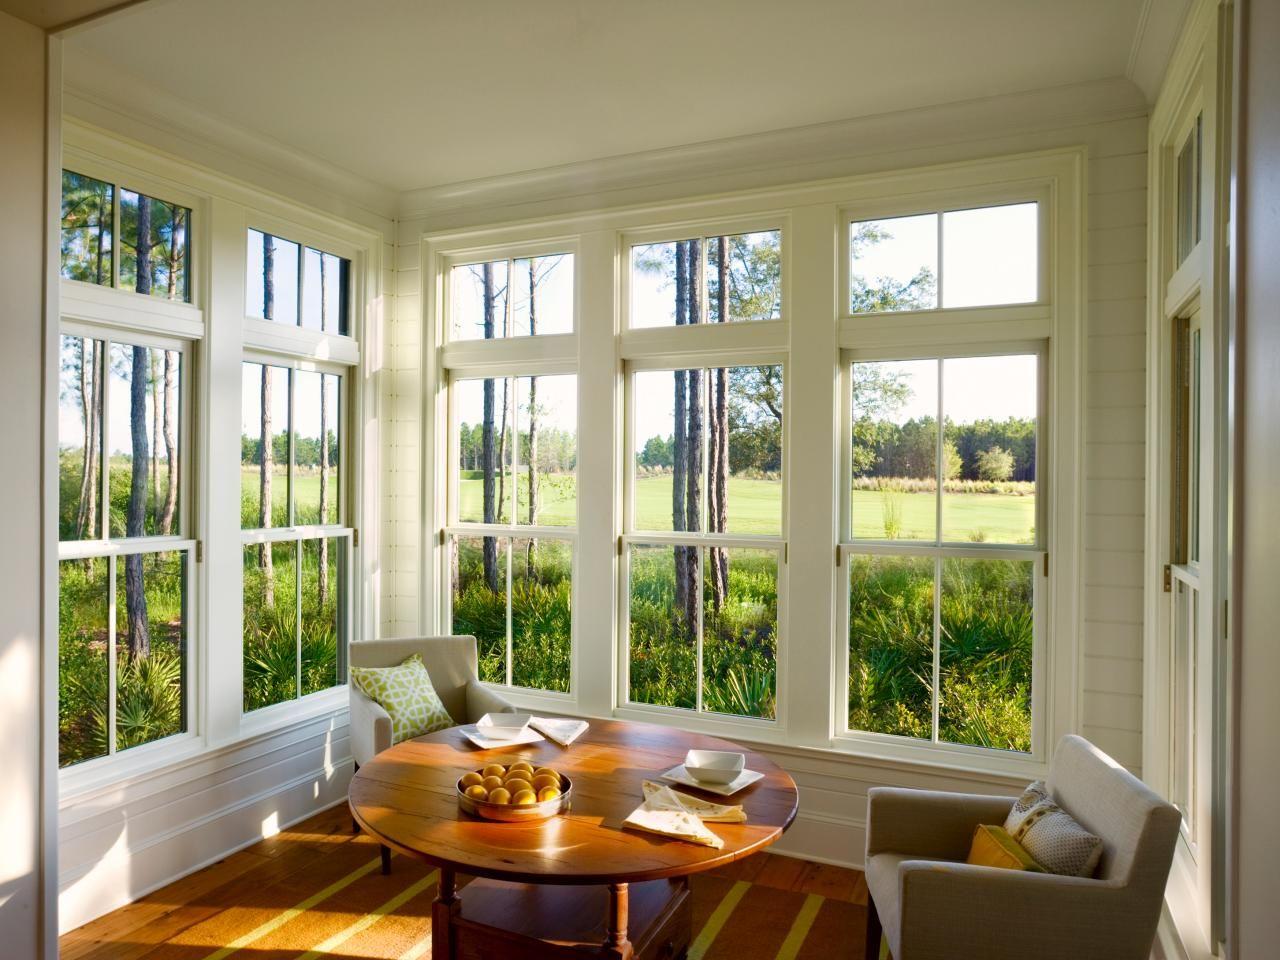 Window ideas for a sunroom  photos  hgtv  sunporch  pinterest  minimal decor sunroom and cozy